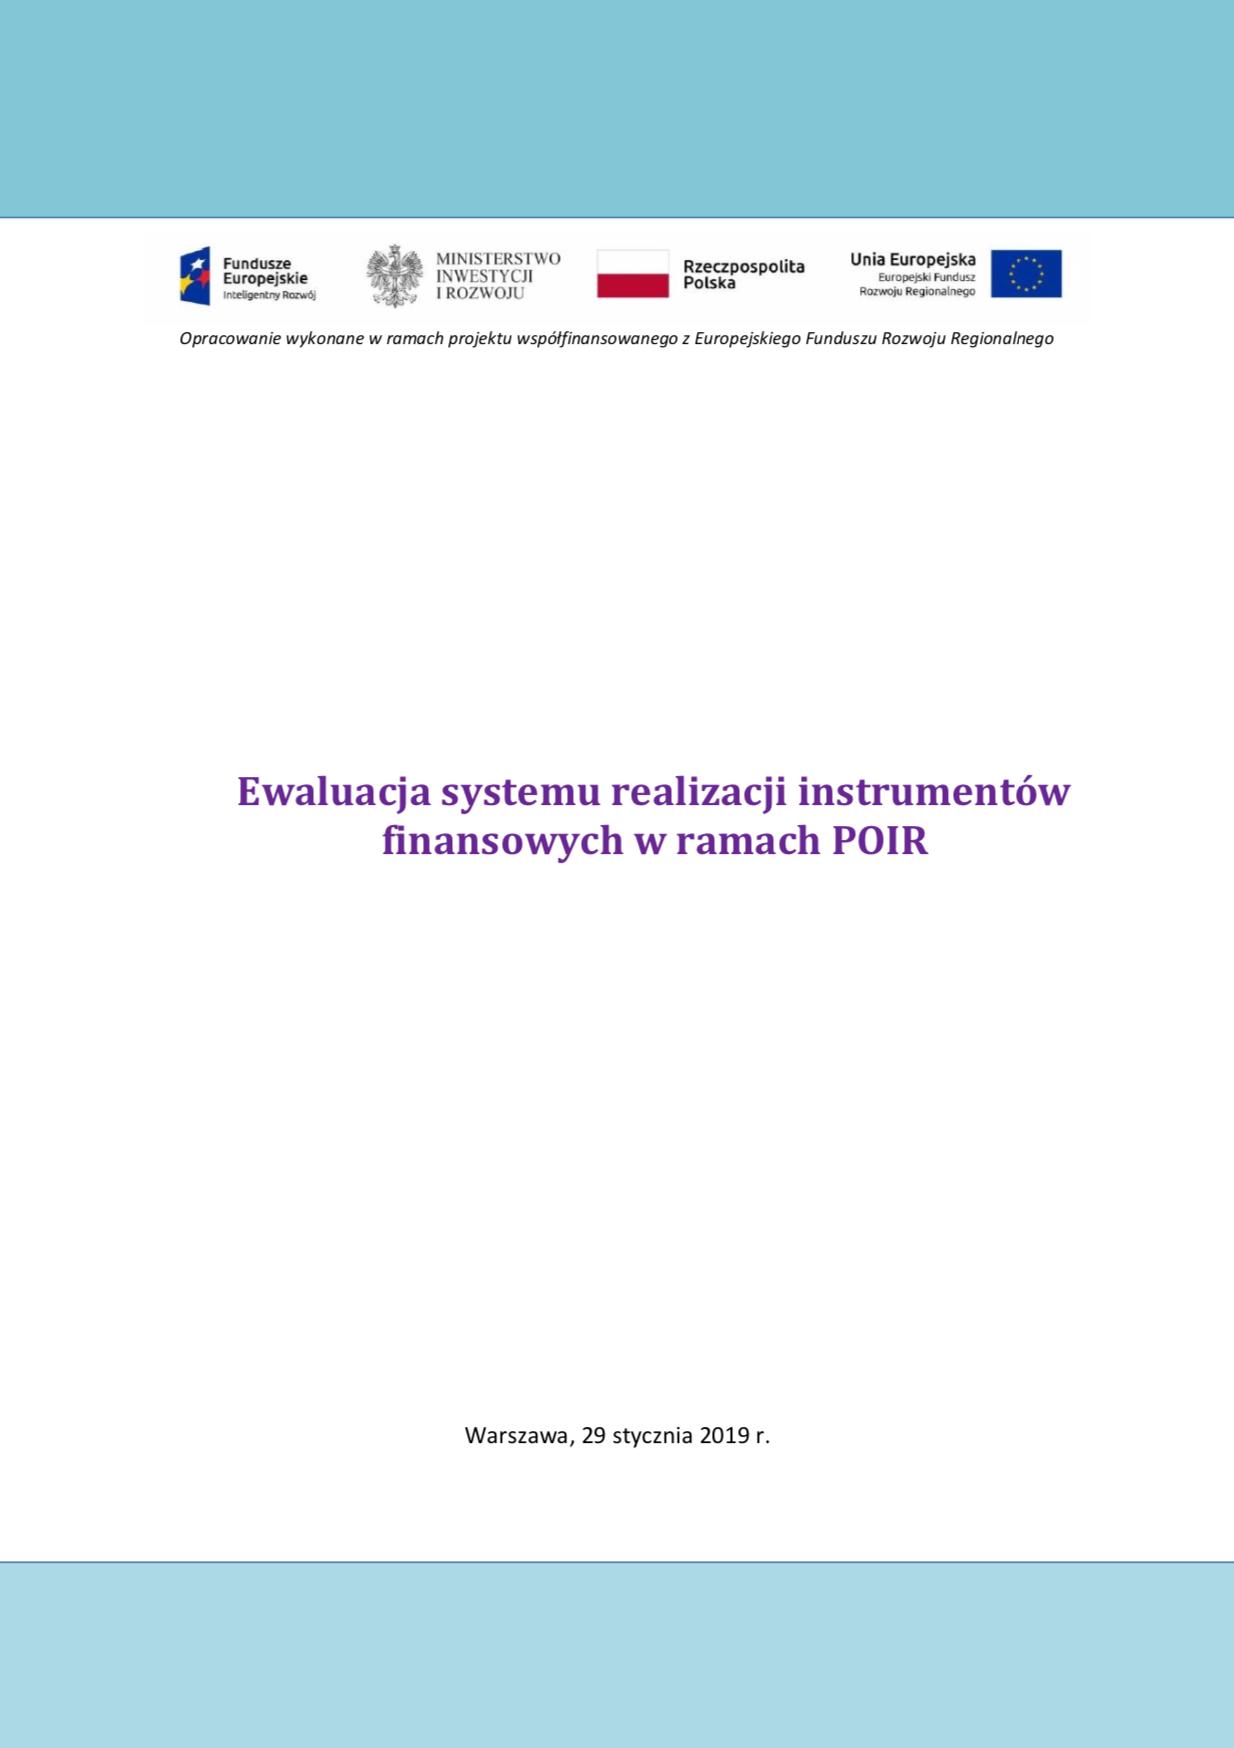 Ewaluacja systemu realizacji instrumentów finansowych w ramach POIR